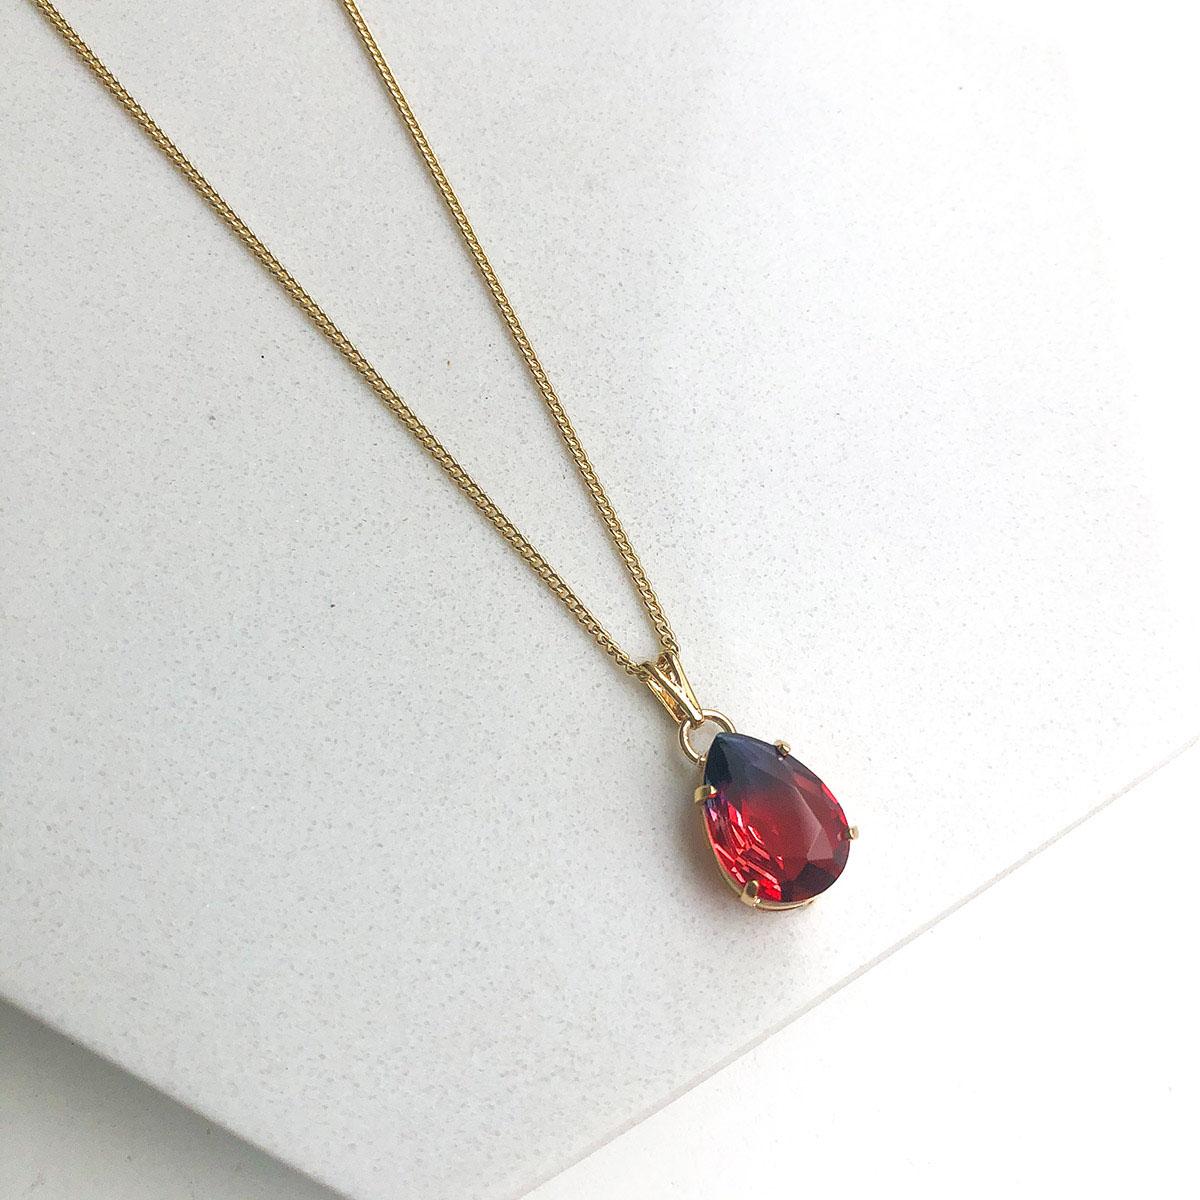 Colar Banhado a Ouro 18k Pingente Gota Rainbown Vermelho com azul Pequeno